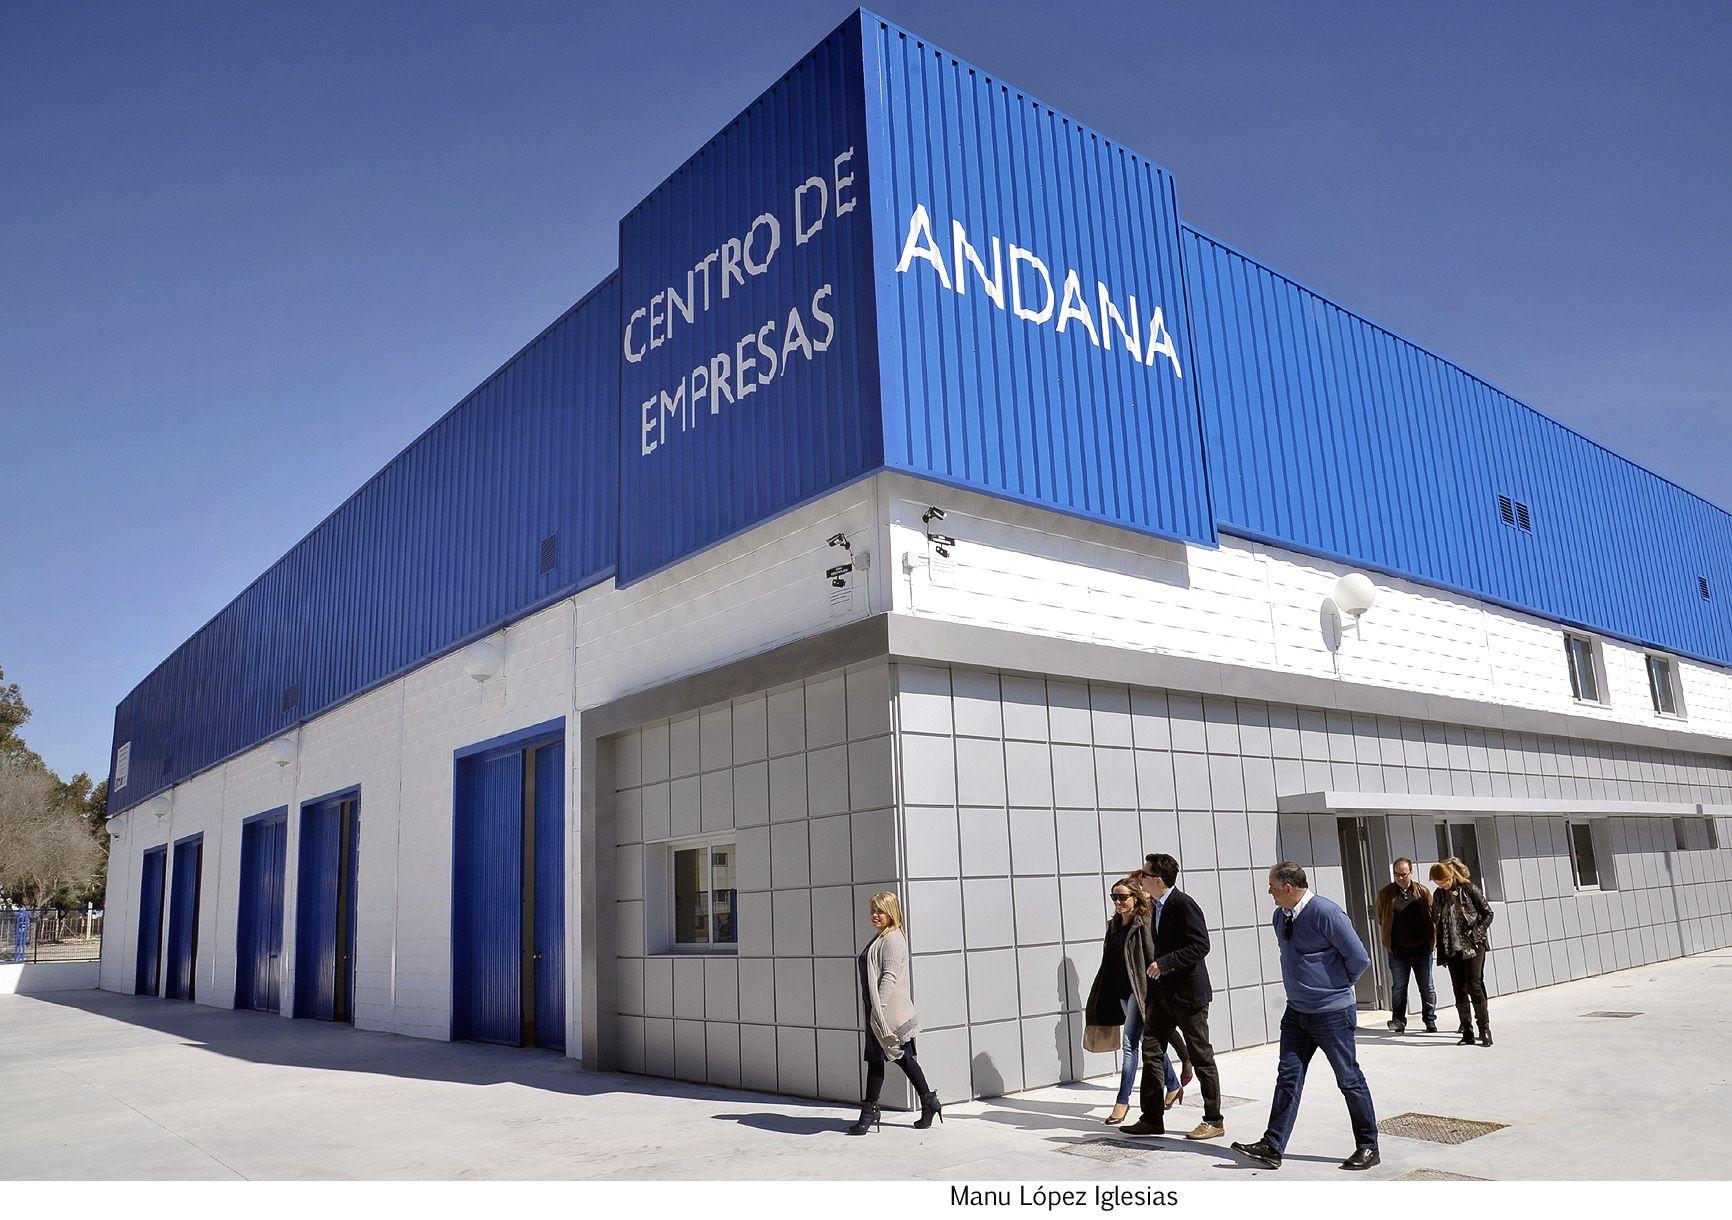 Alcaldesa visita Centro de Empresas Andana _ 01